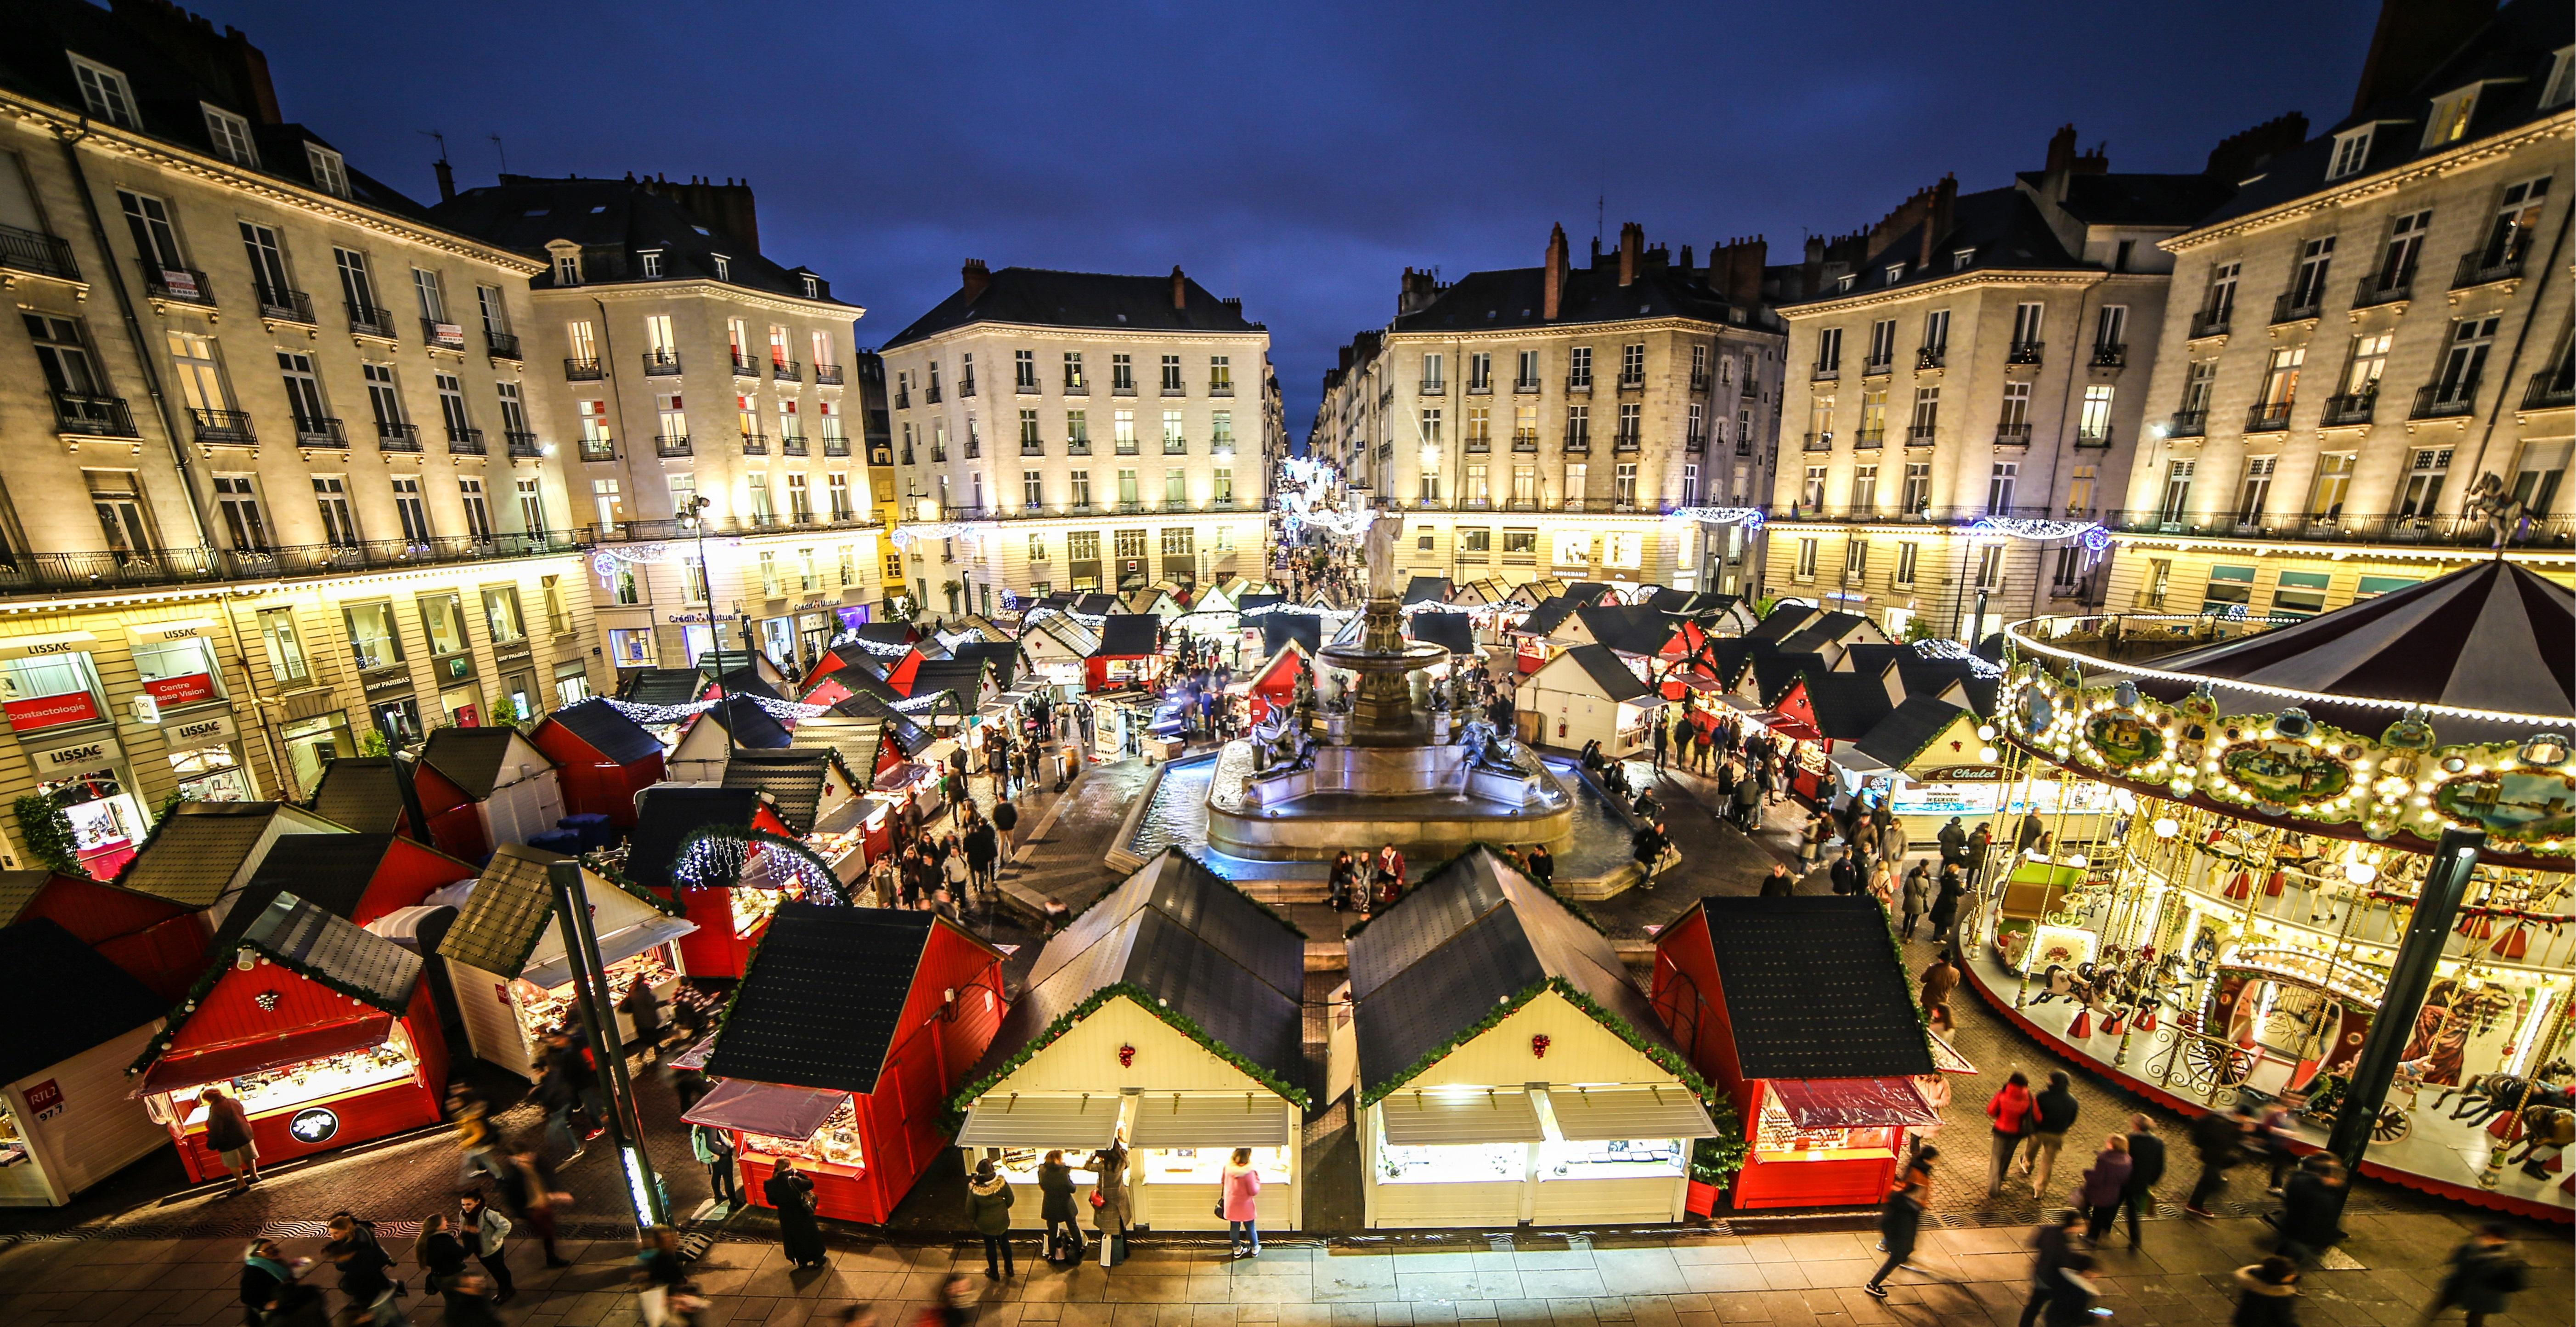 Les chalets du Marché de Noël de Nantes installés sur la Place Royale